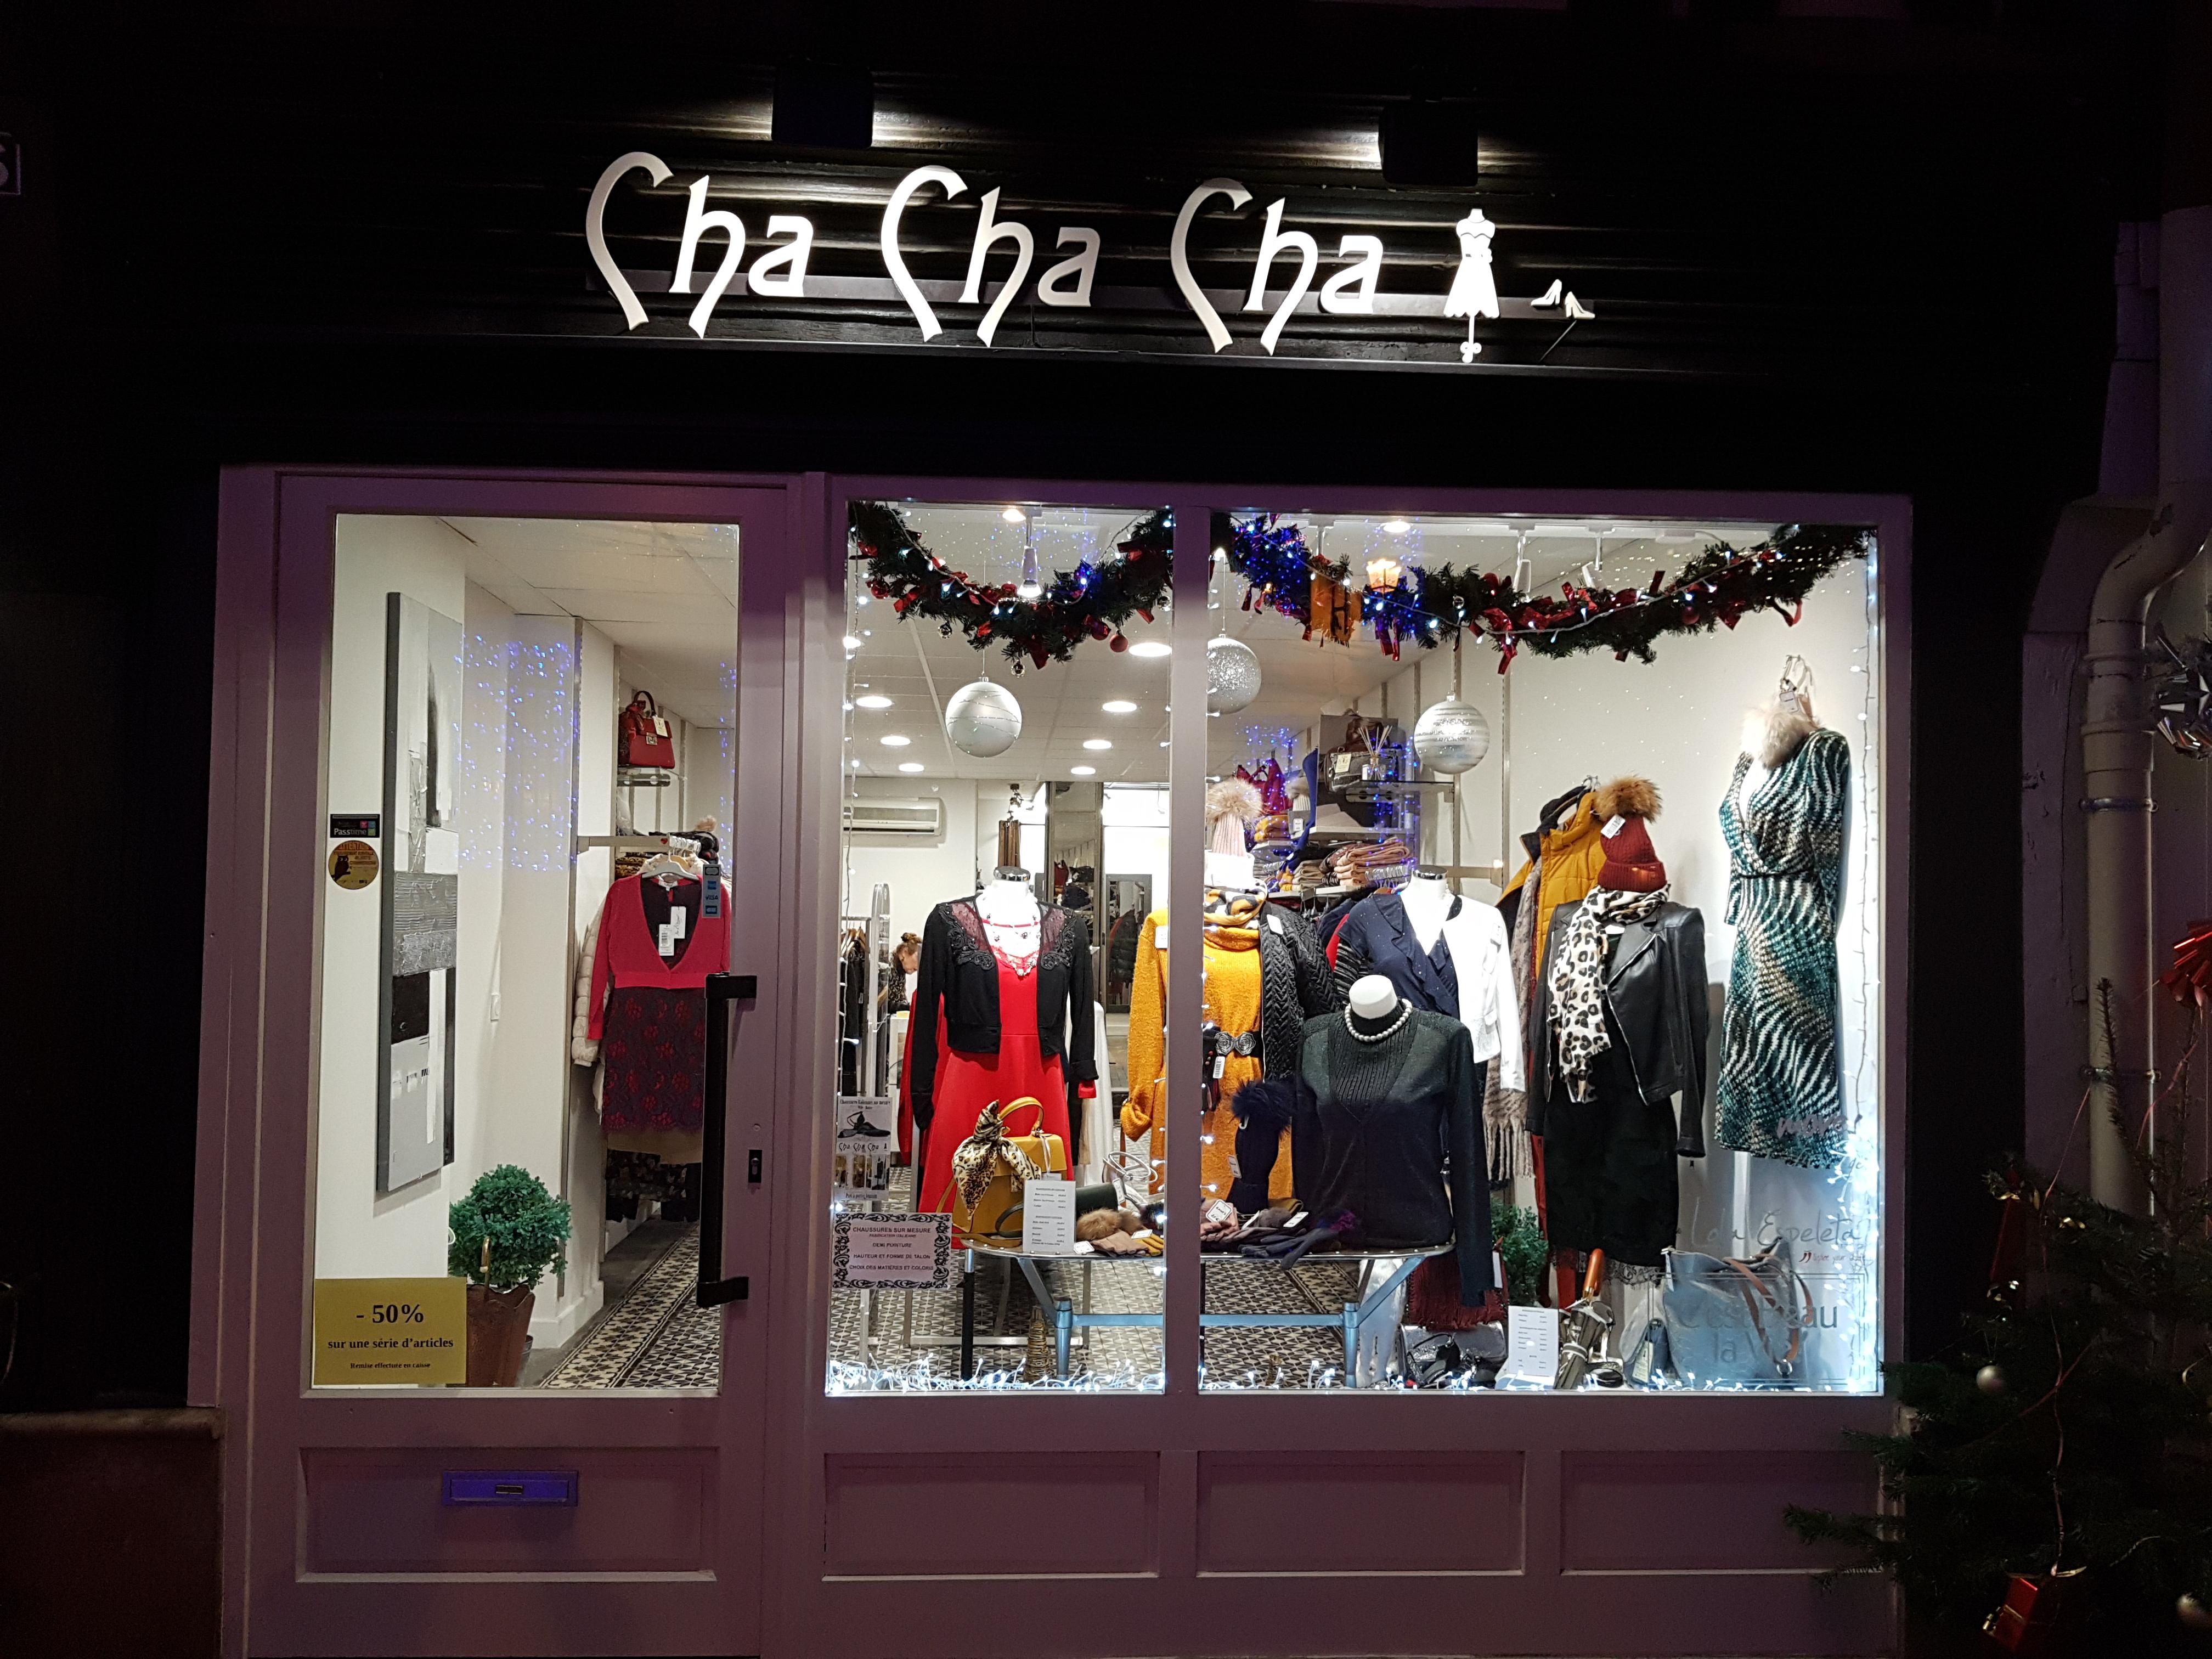 Cha Cha Cha - Les commerçants du centre ville d' Auxerre